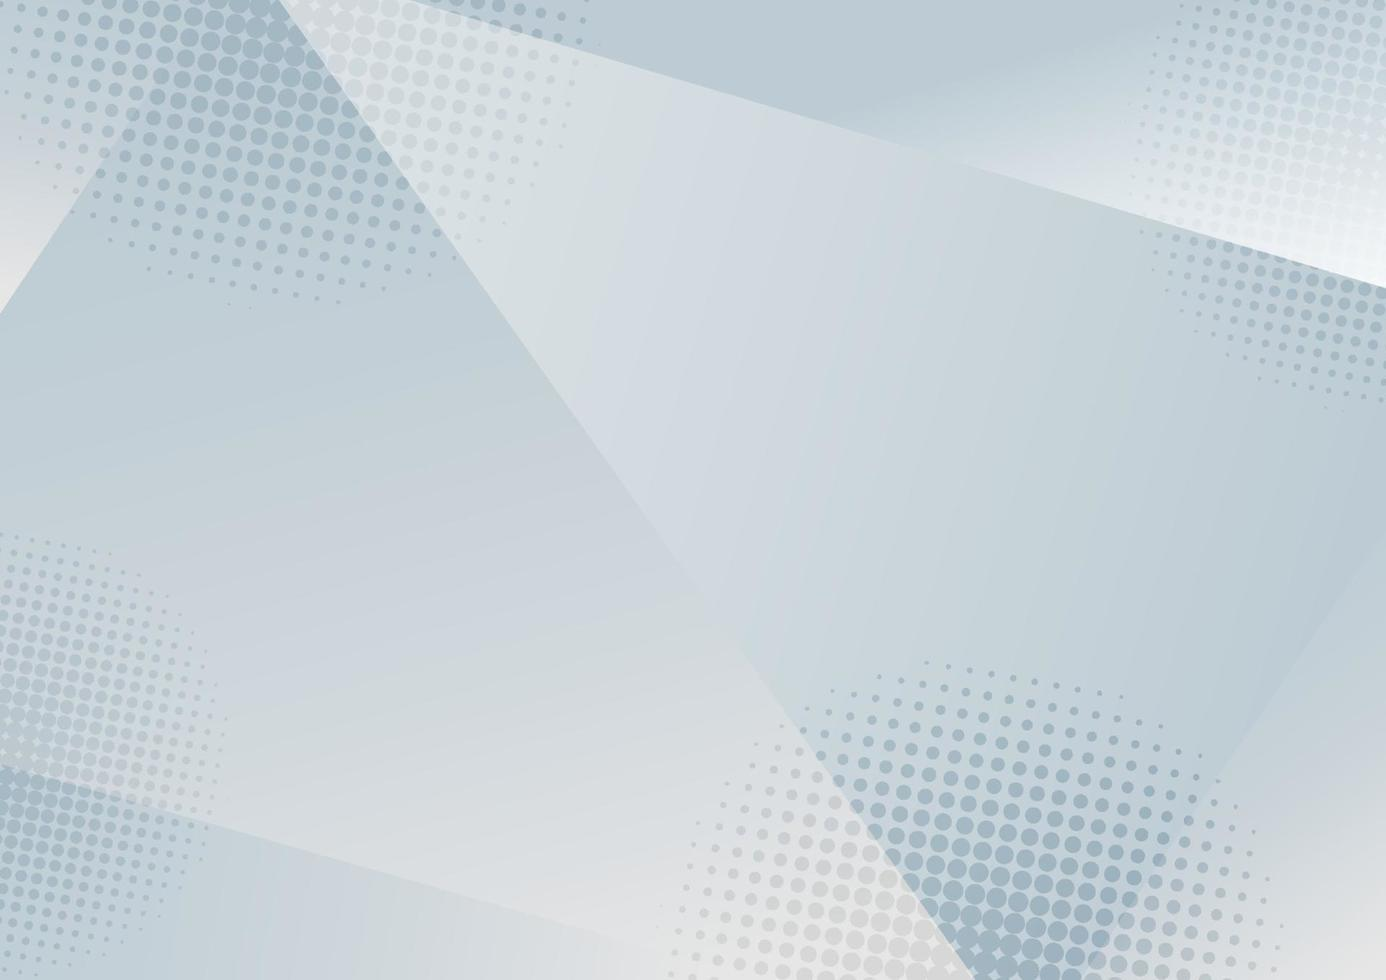 abstrakter weißer und grauer Farbverlaufhintergrund des niedrigen Polygons mit Halbtoneffekt. vektor